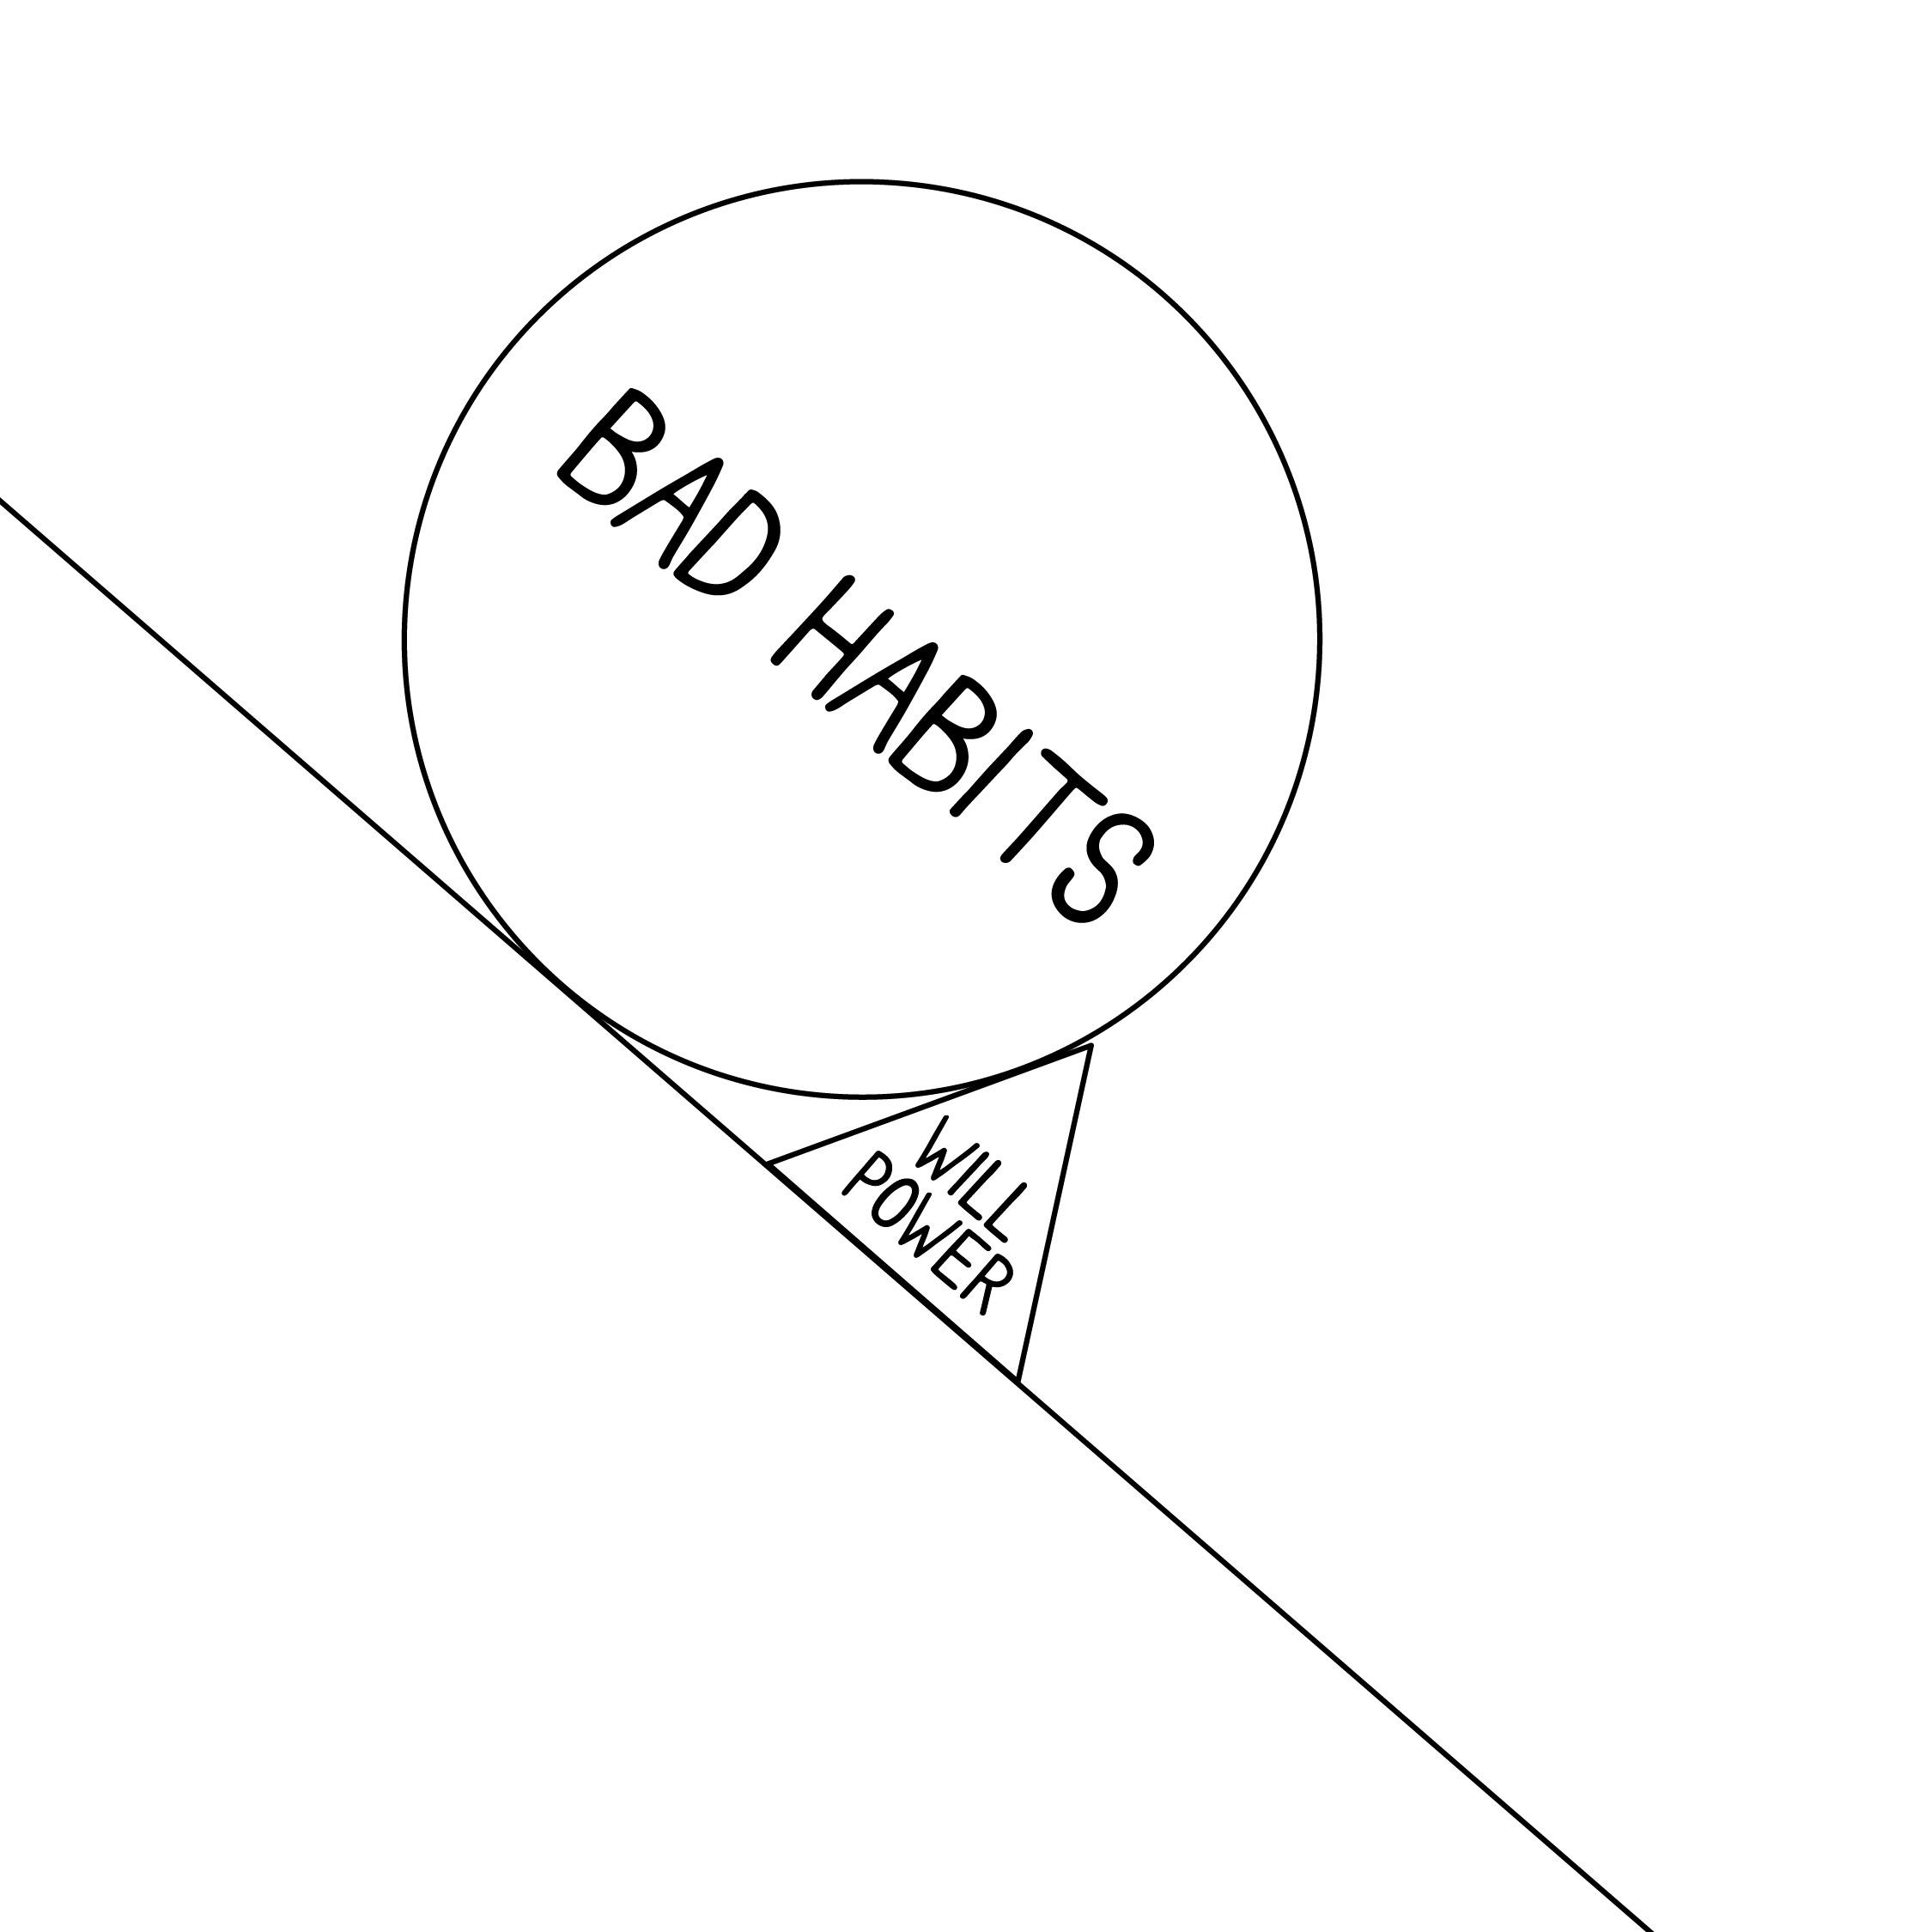 badhabitswillpower-01.jpg